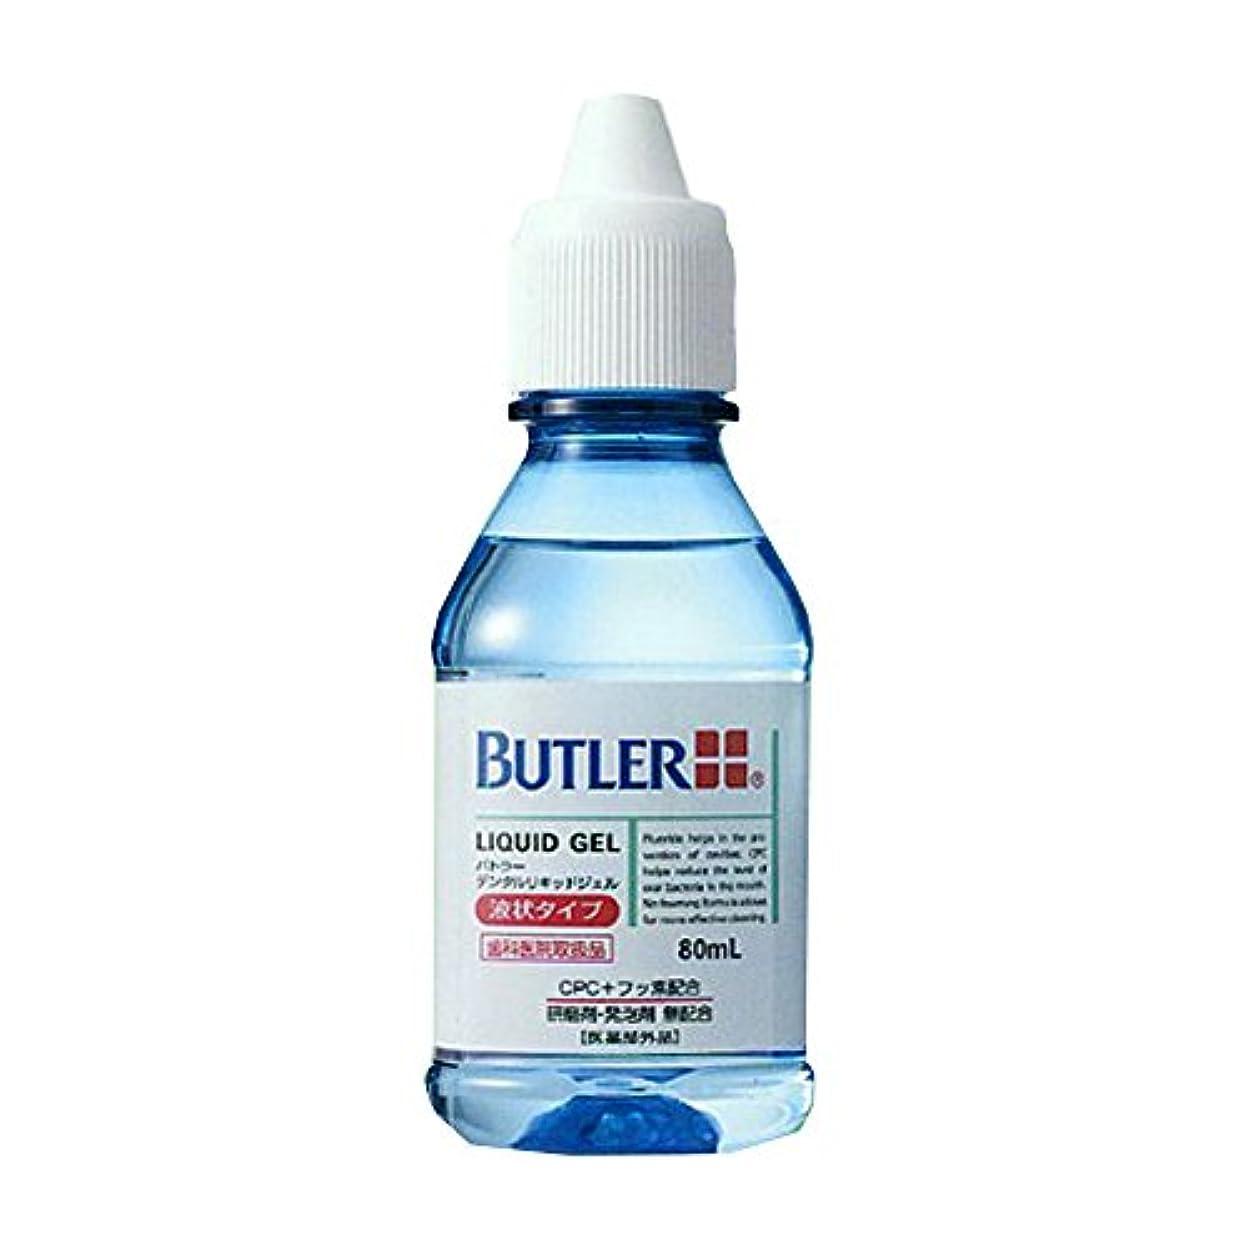 好戦的なホイスト肺炎バトラーデンタルリキッドジェル#1270P 80ml